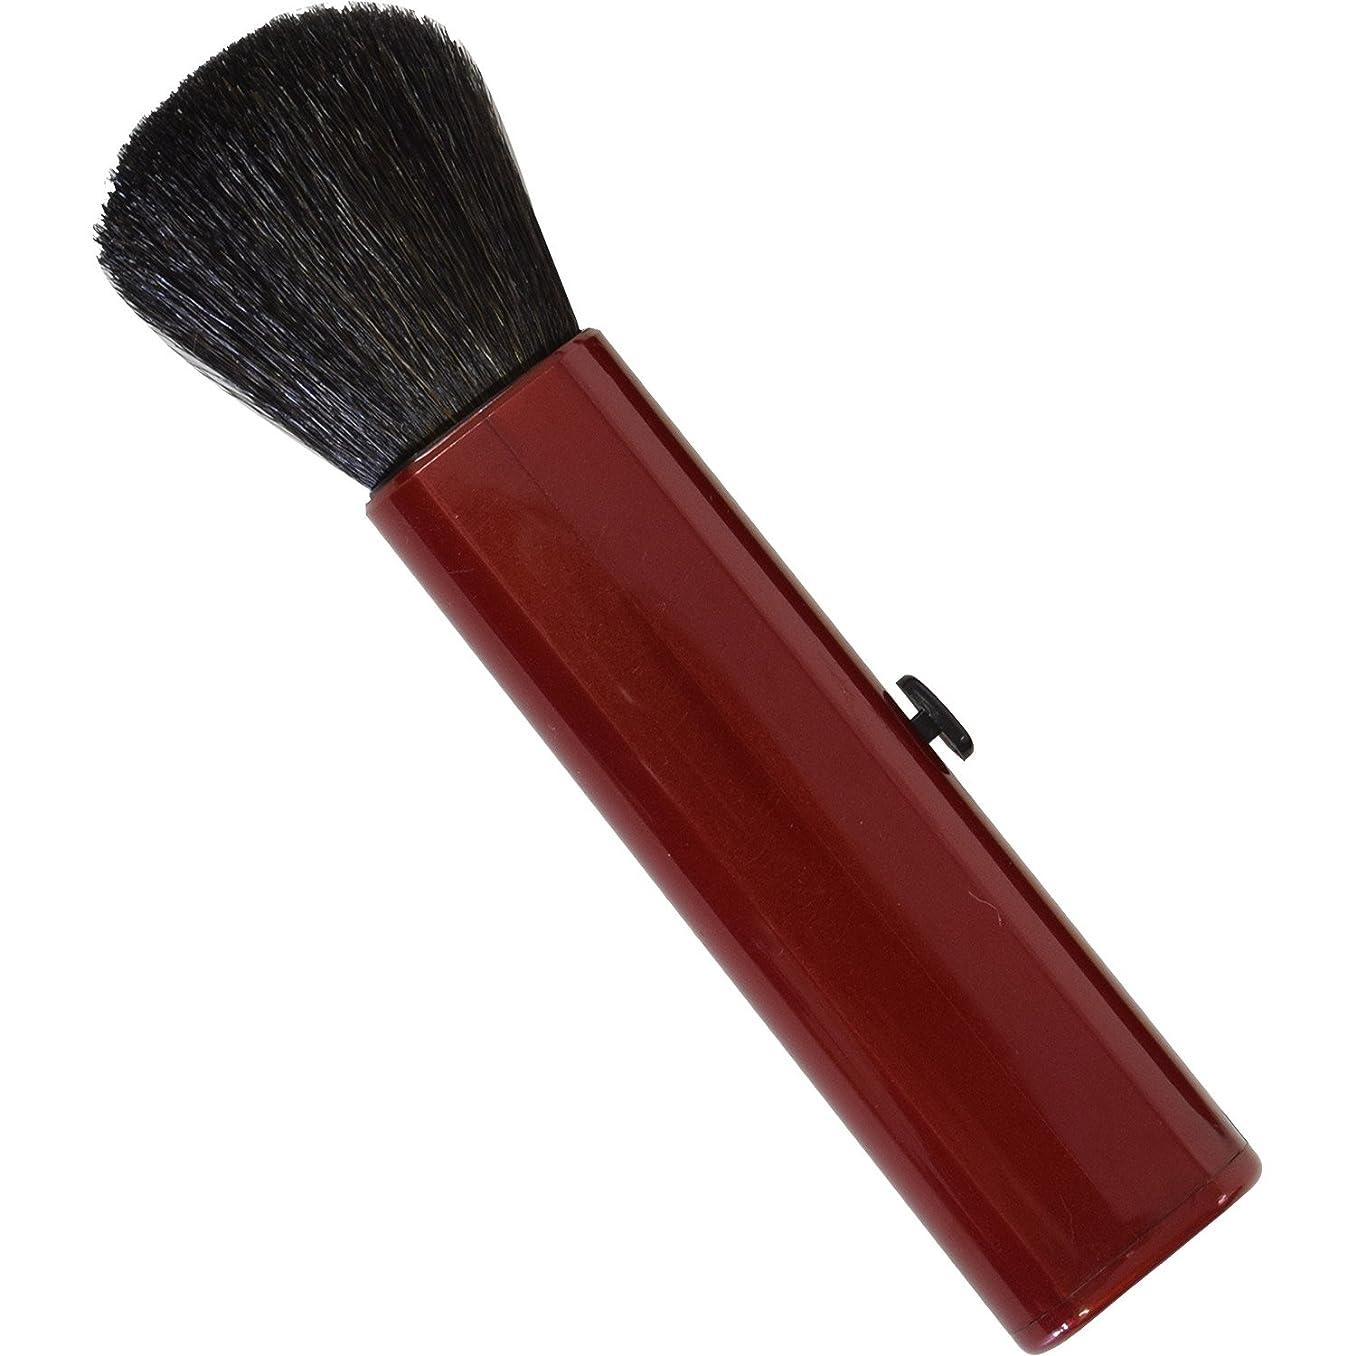 妥協コロニアル驚いたSC-704RD 六角館さくら堂 スライドチークブラシ 赤 山羊毛100% シンプルなデザイン 便利なケース付き